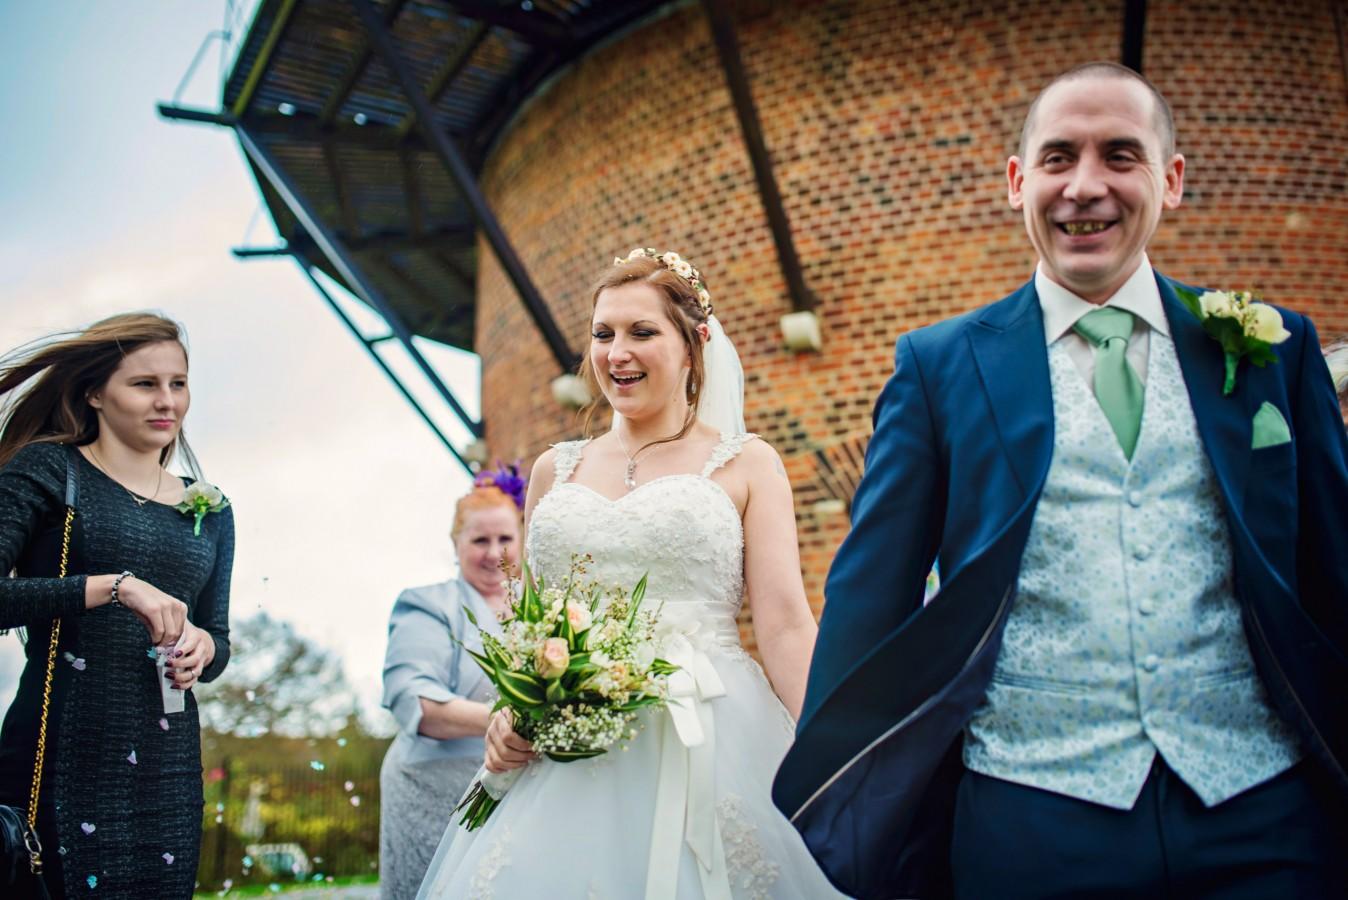 Hampshire Wedding Photographer - GK Photography-256